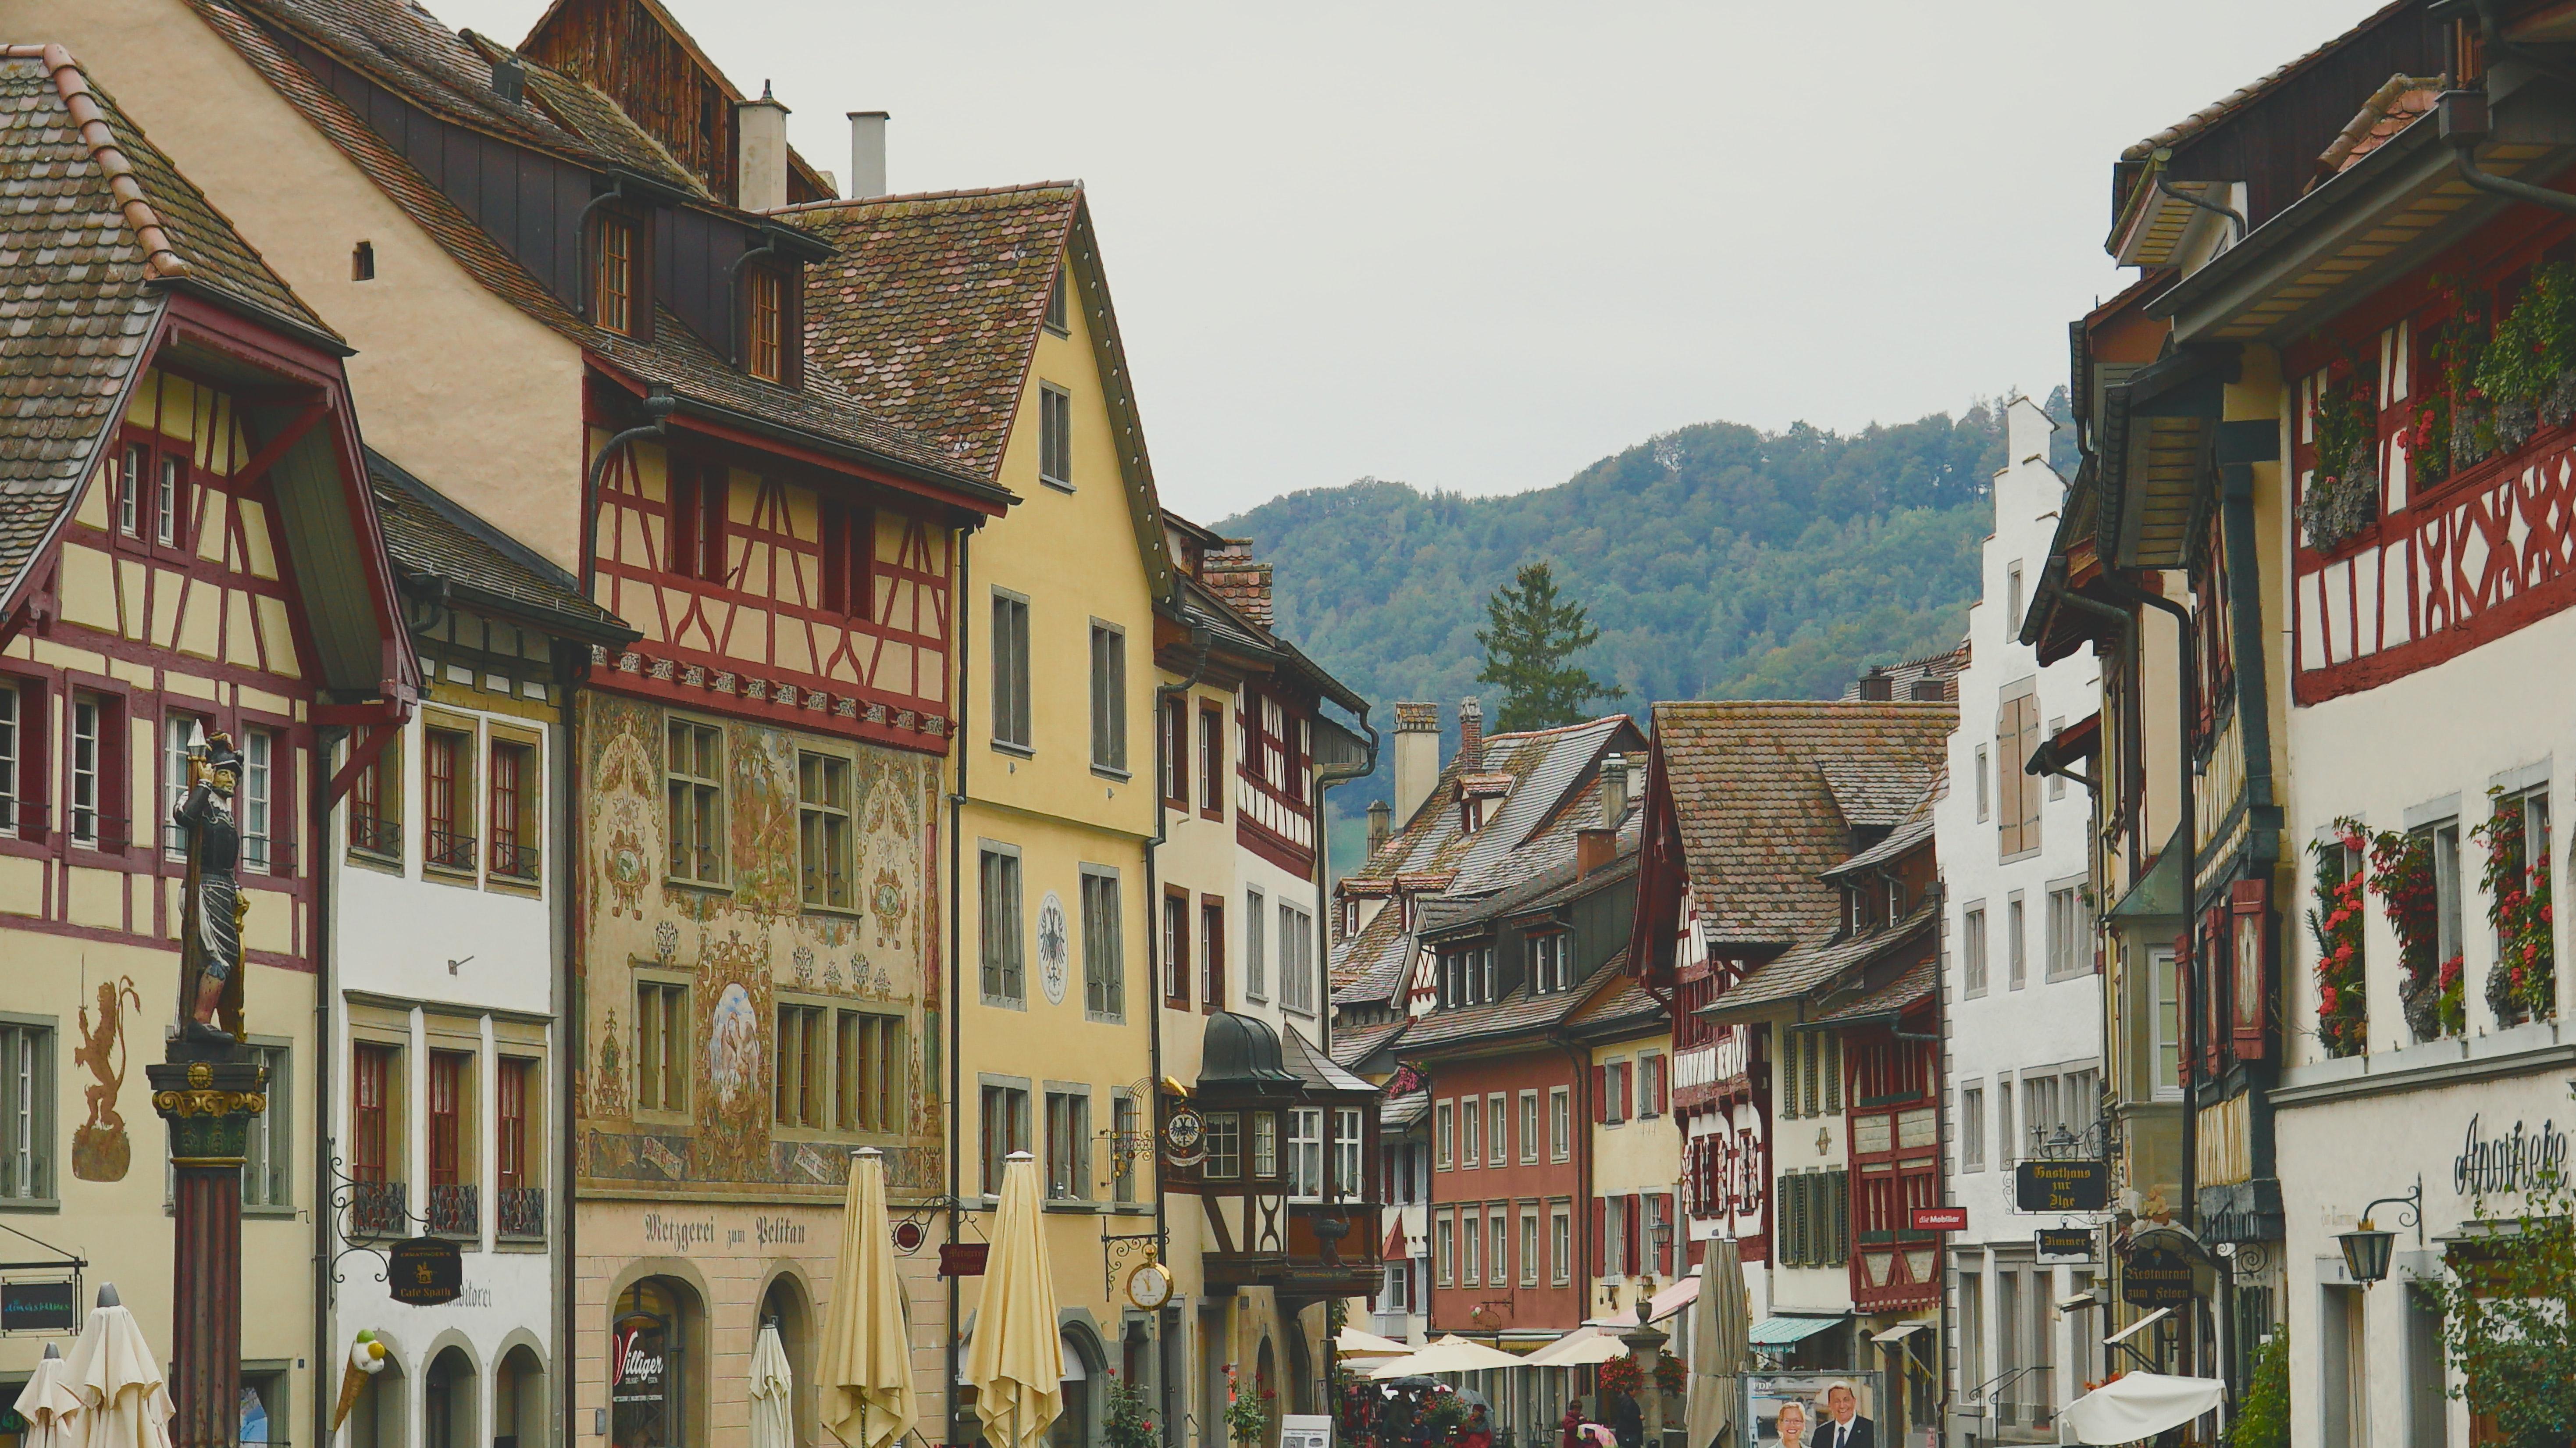 Aufnahme einer Altstadt mit Fachwerkhäusern, im Hintergrund sind Hügel zu sehen.